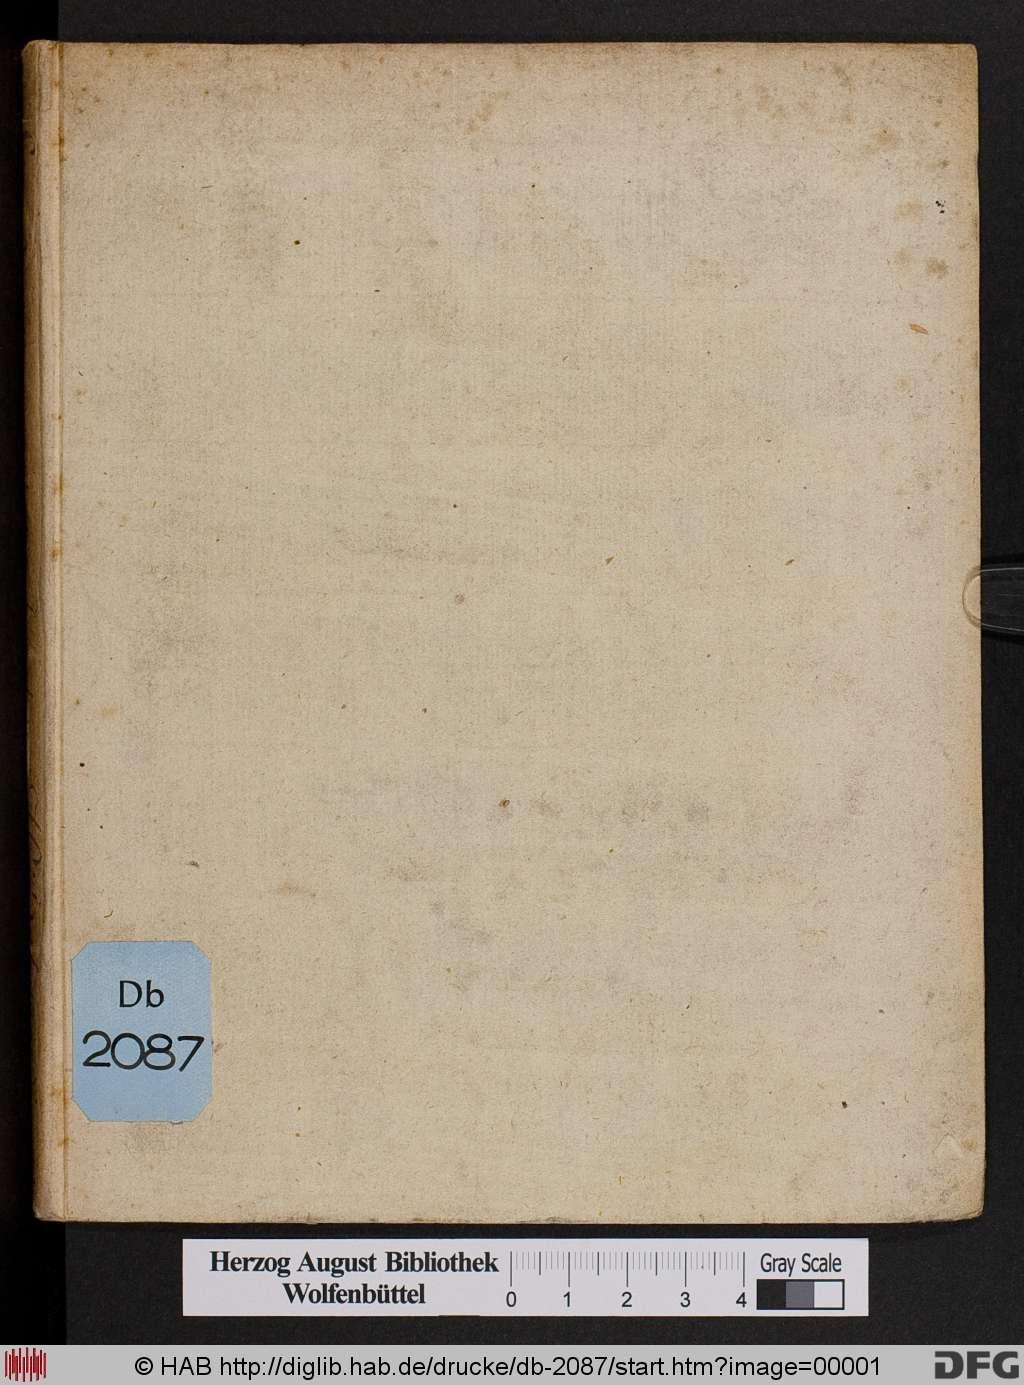 http://diglib.hab.de/drucke/db-2087/00001.jpg